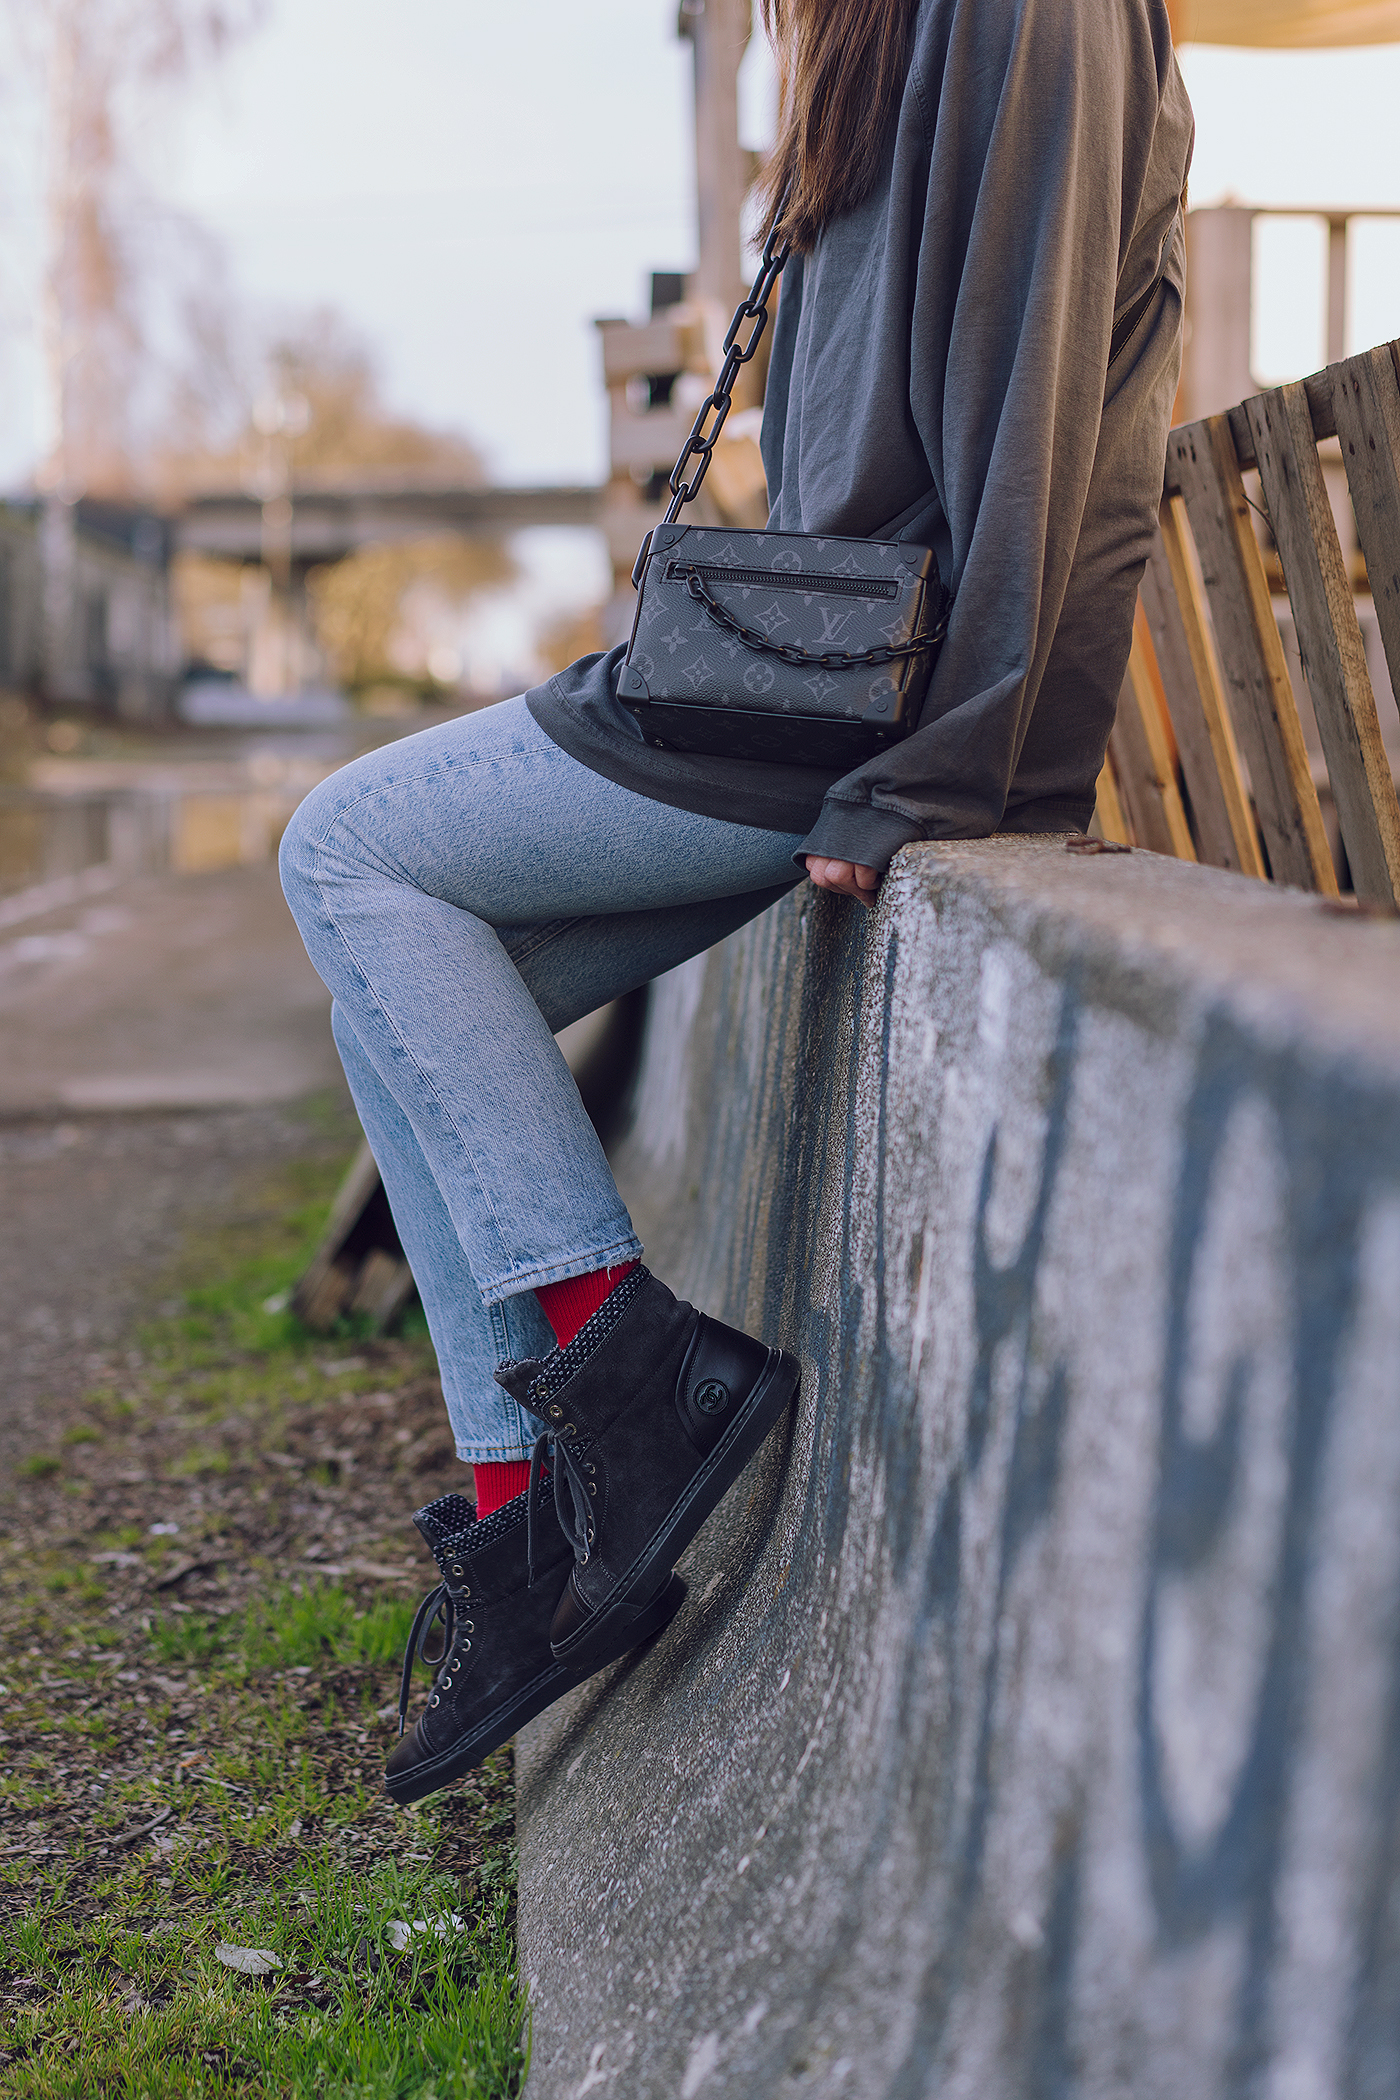 Chanel tweed suede sneakers